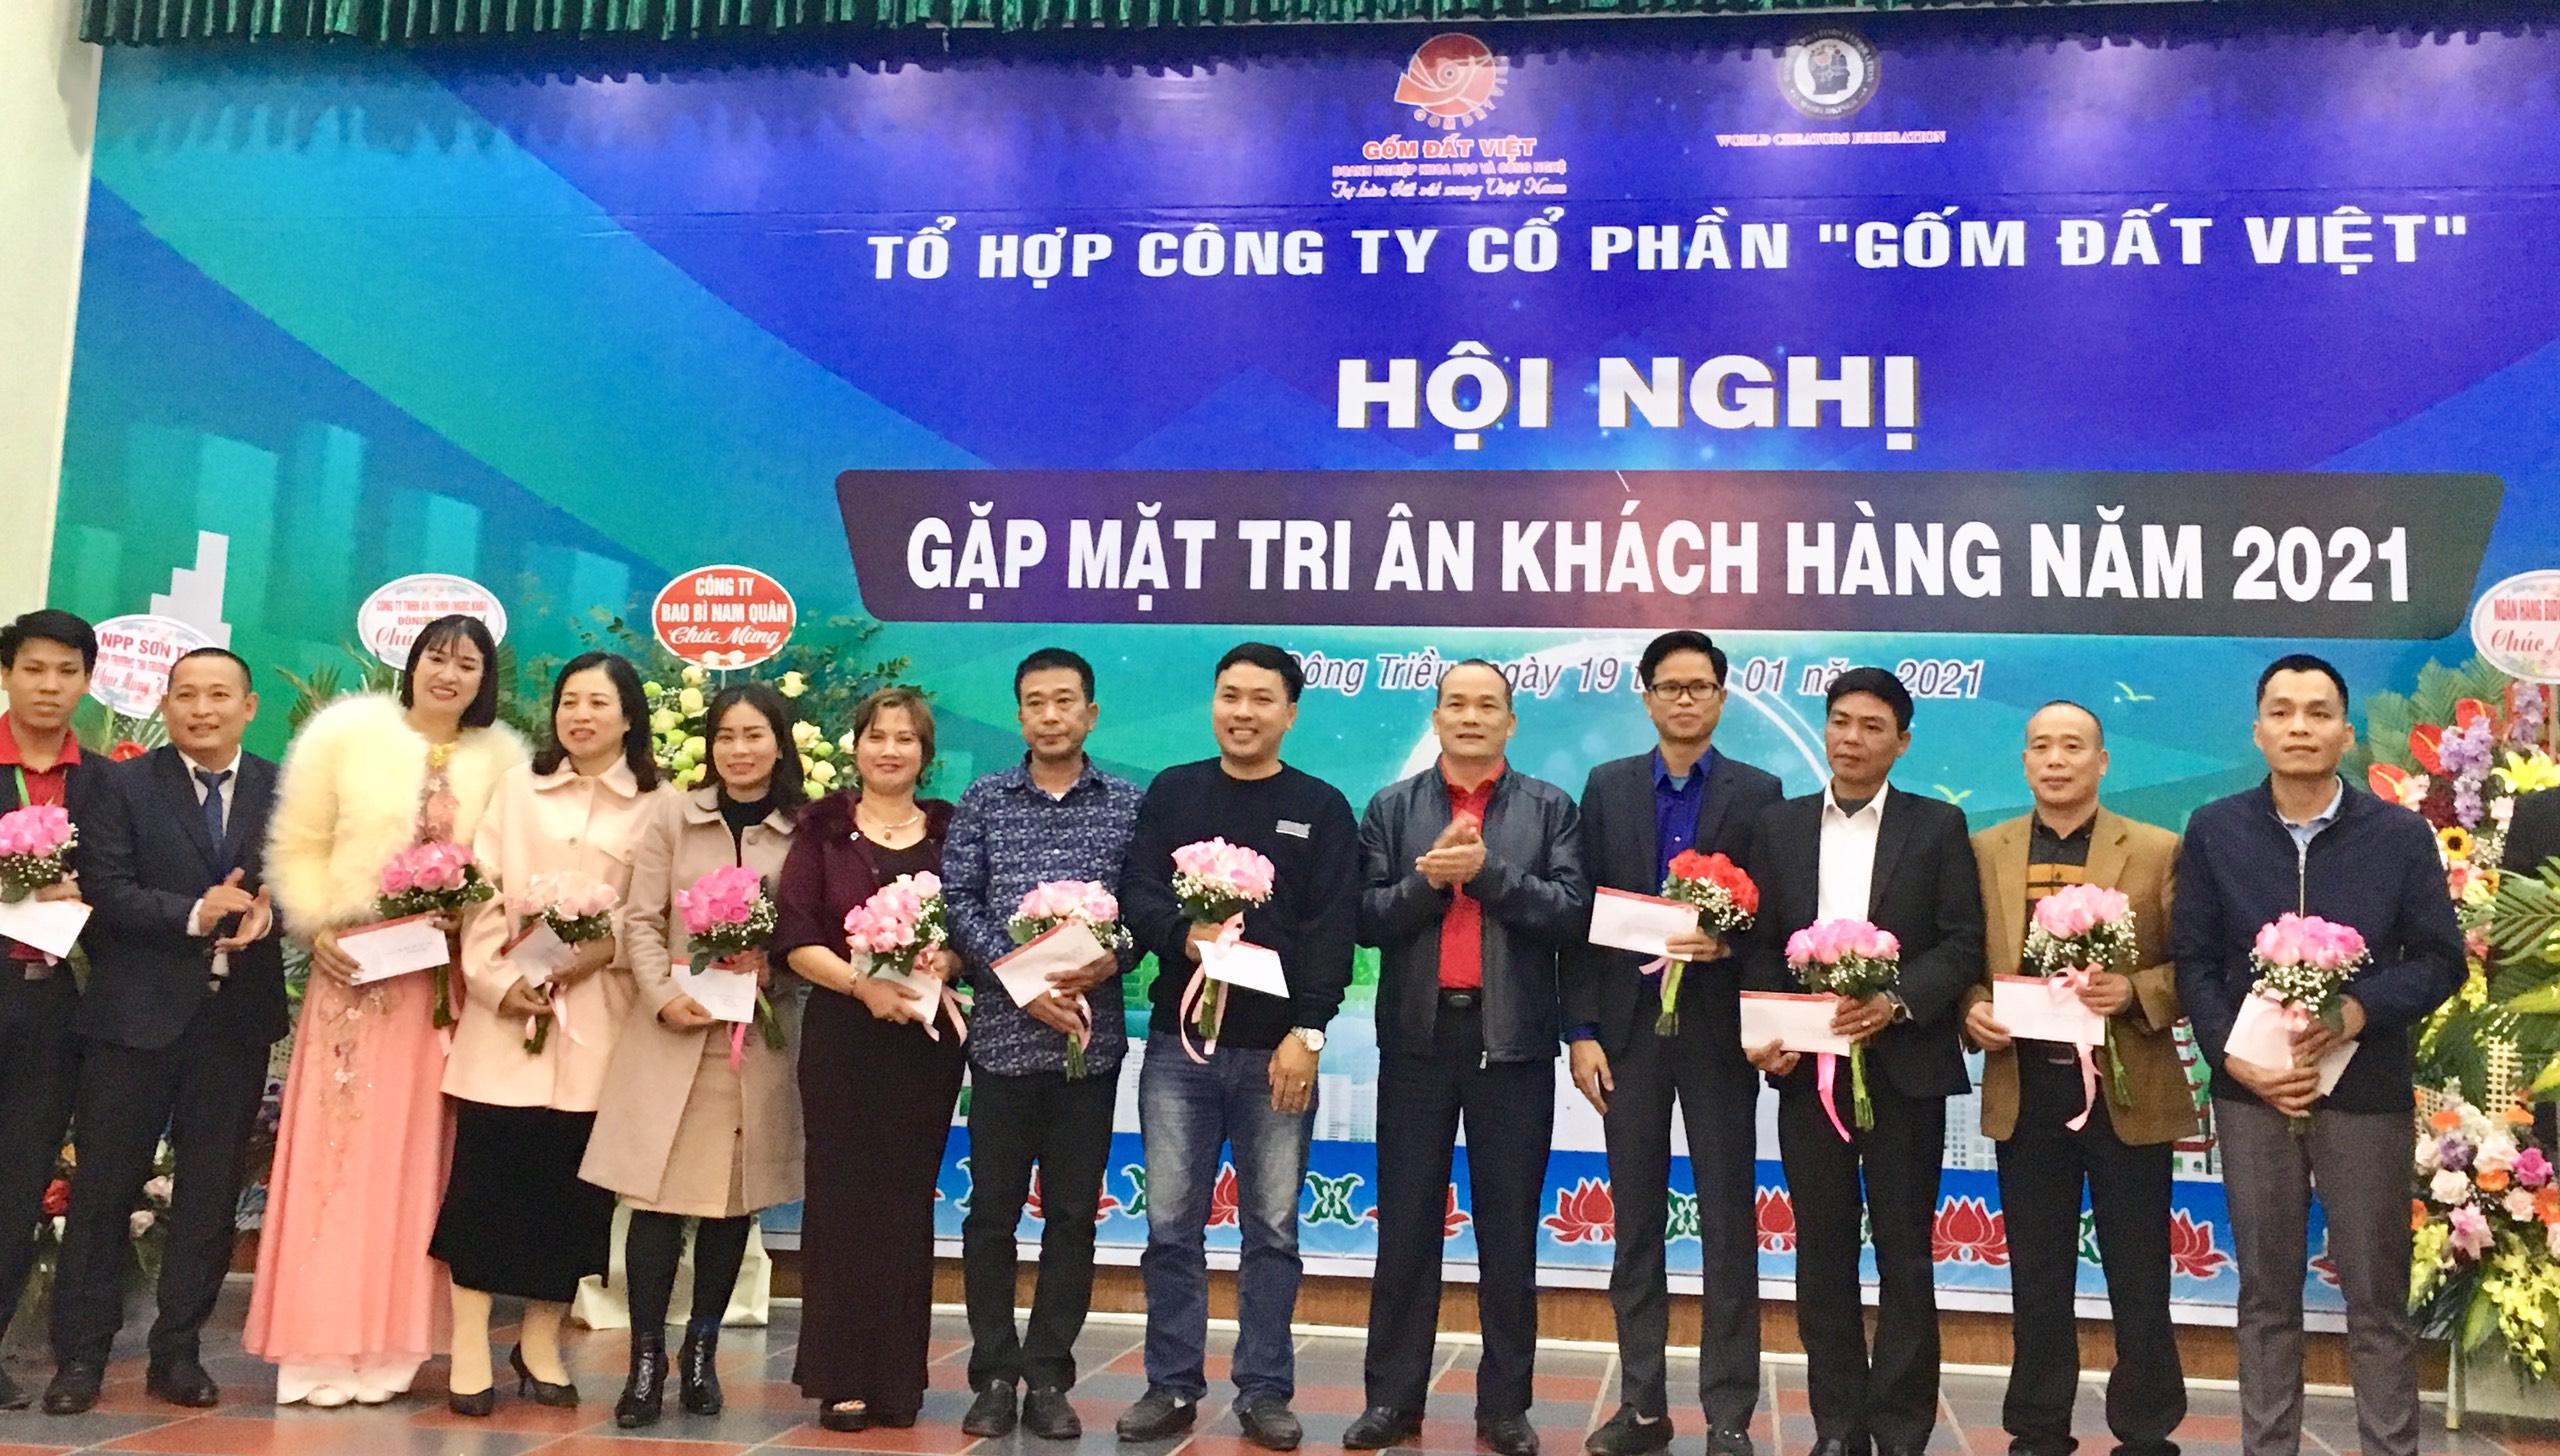 Gốm Đất Việt tặng quà tới TOP 10 đại lý có doanh số cao nhất trong năm 2020